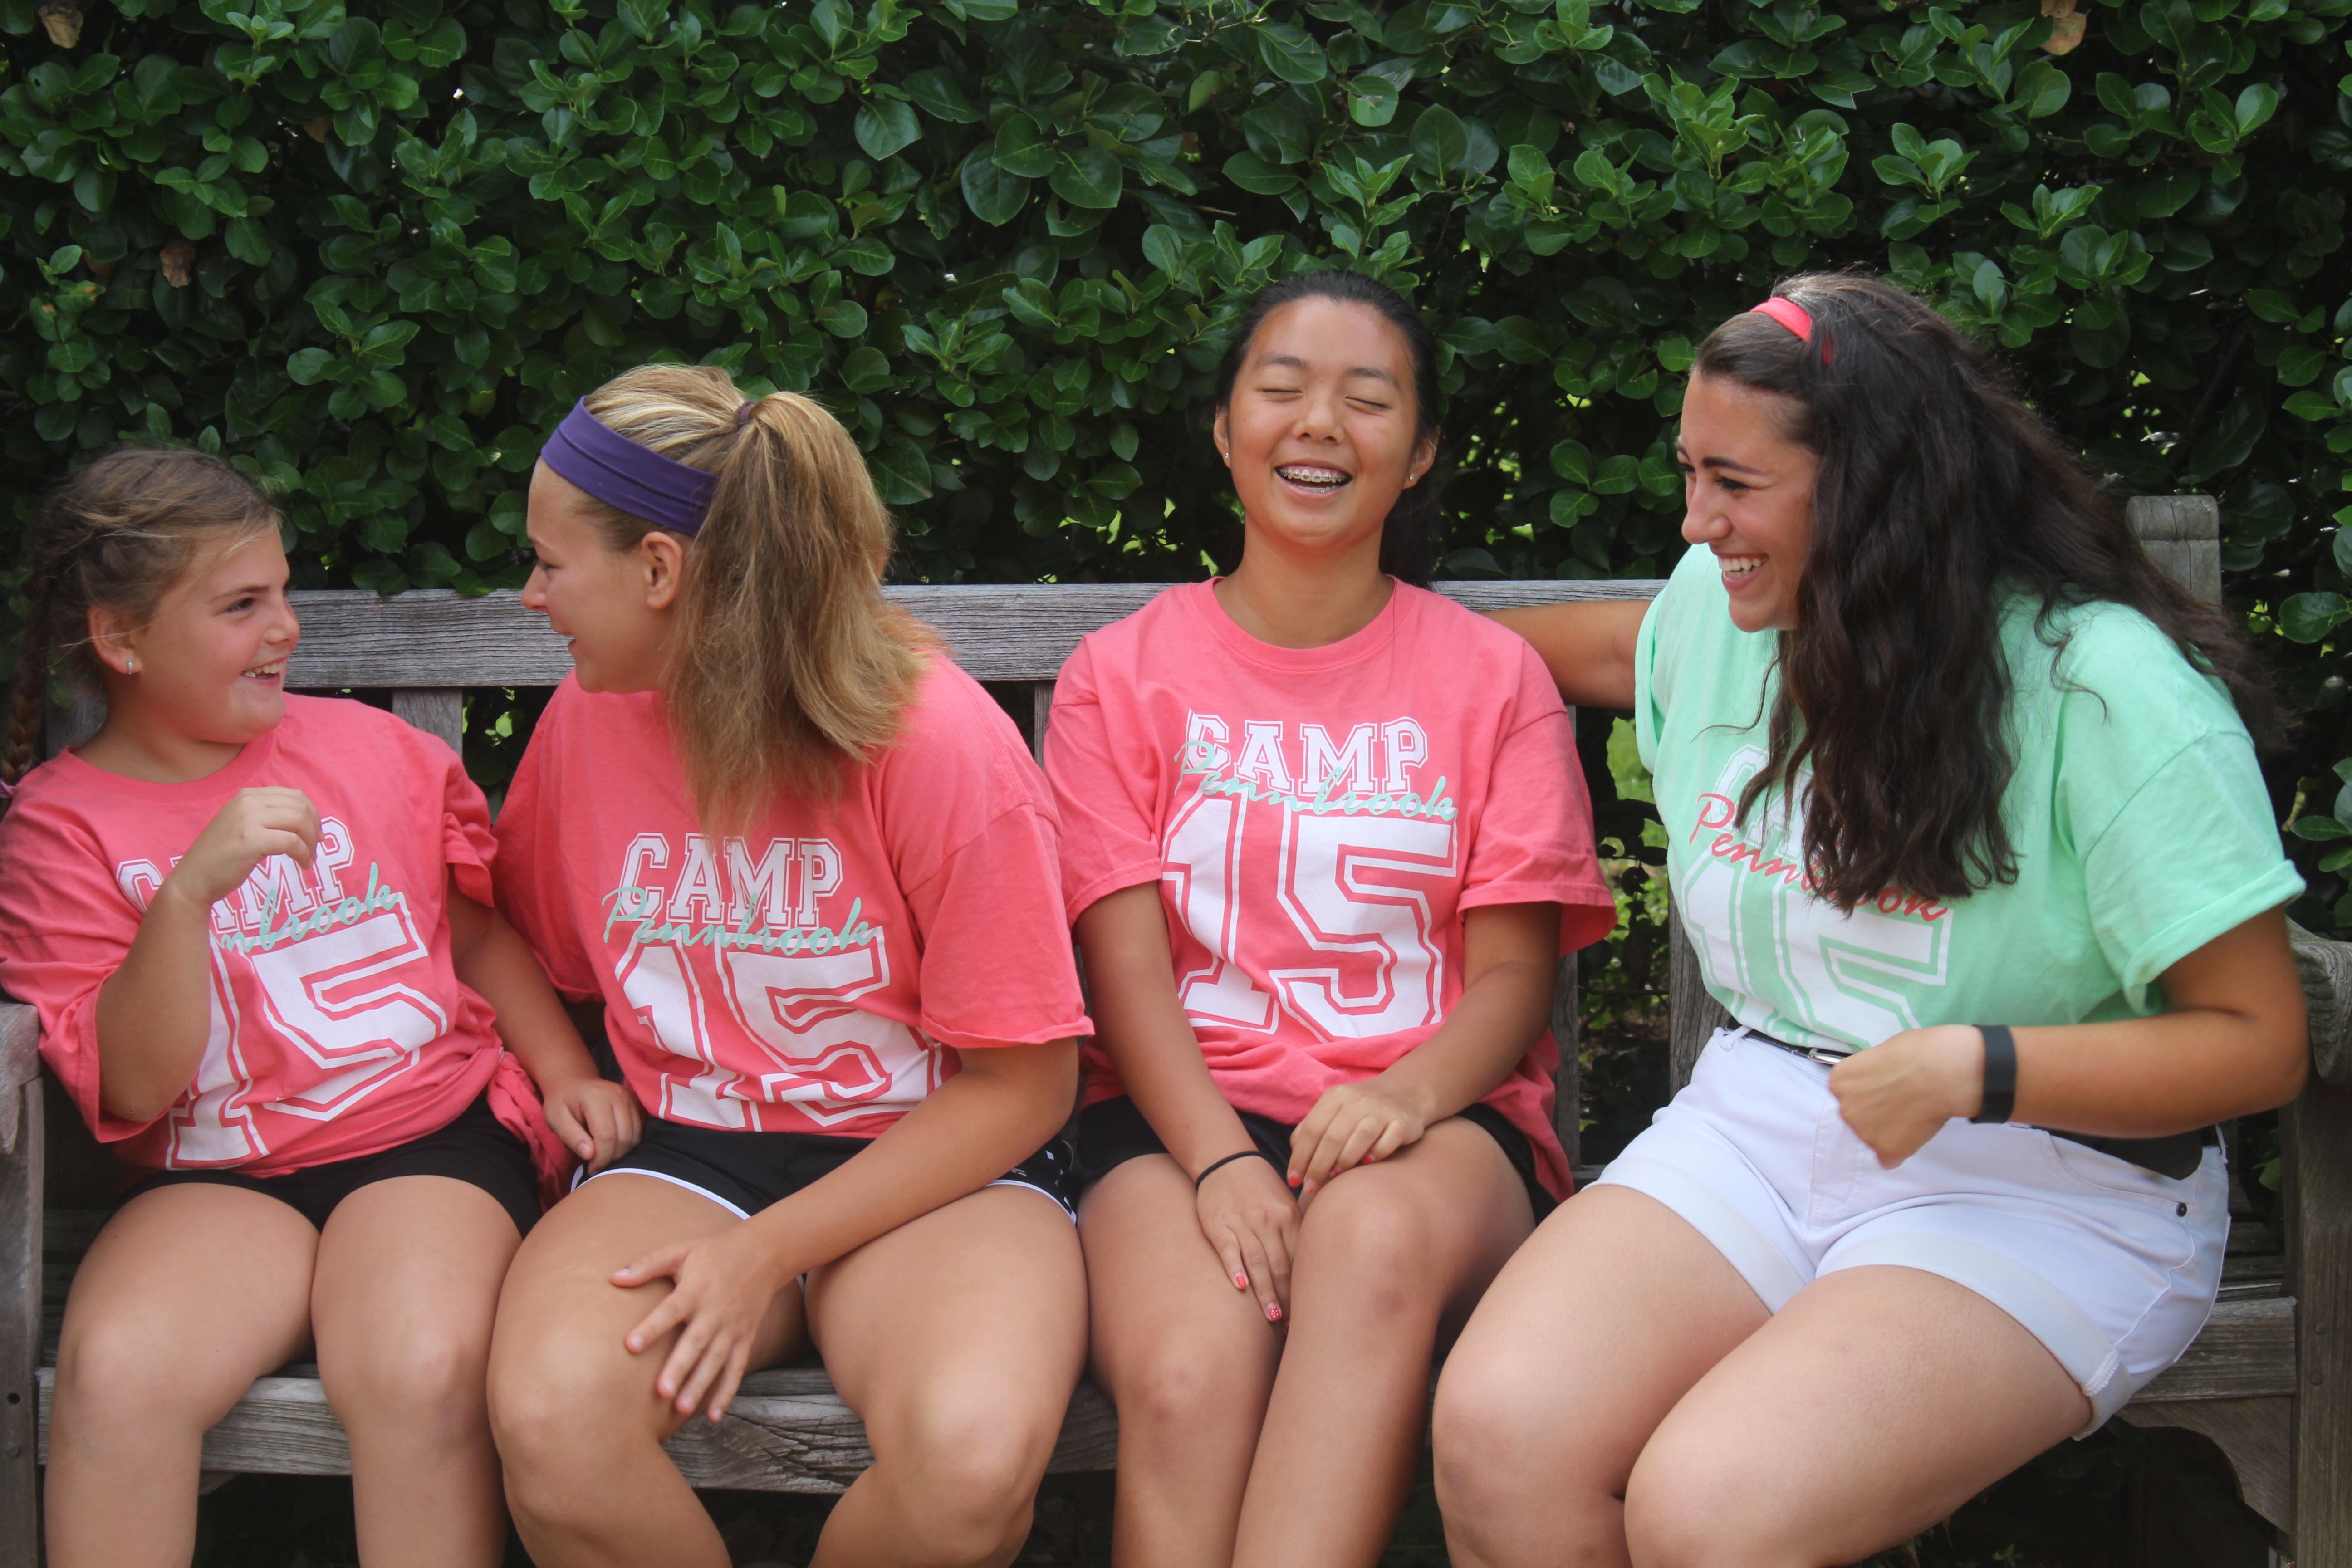 Variant losing virginity summer camp